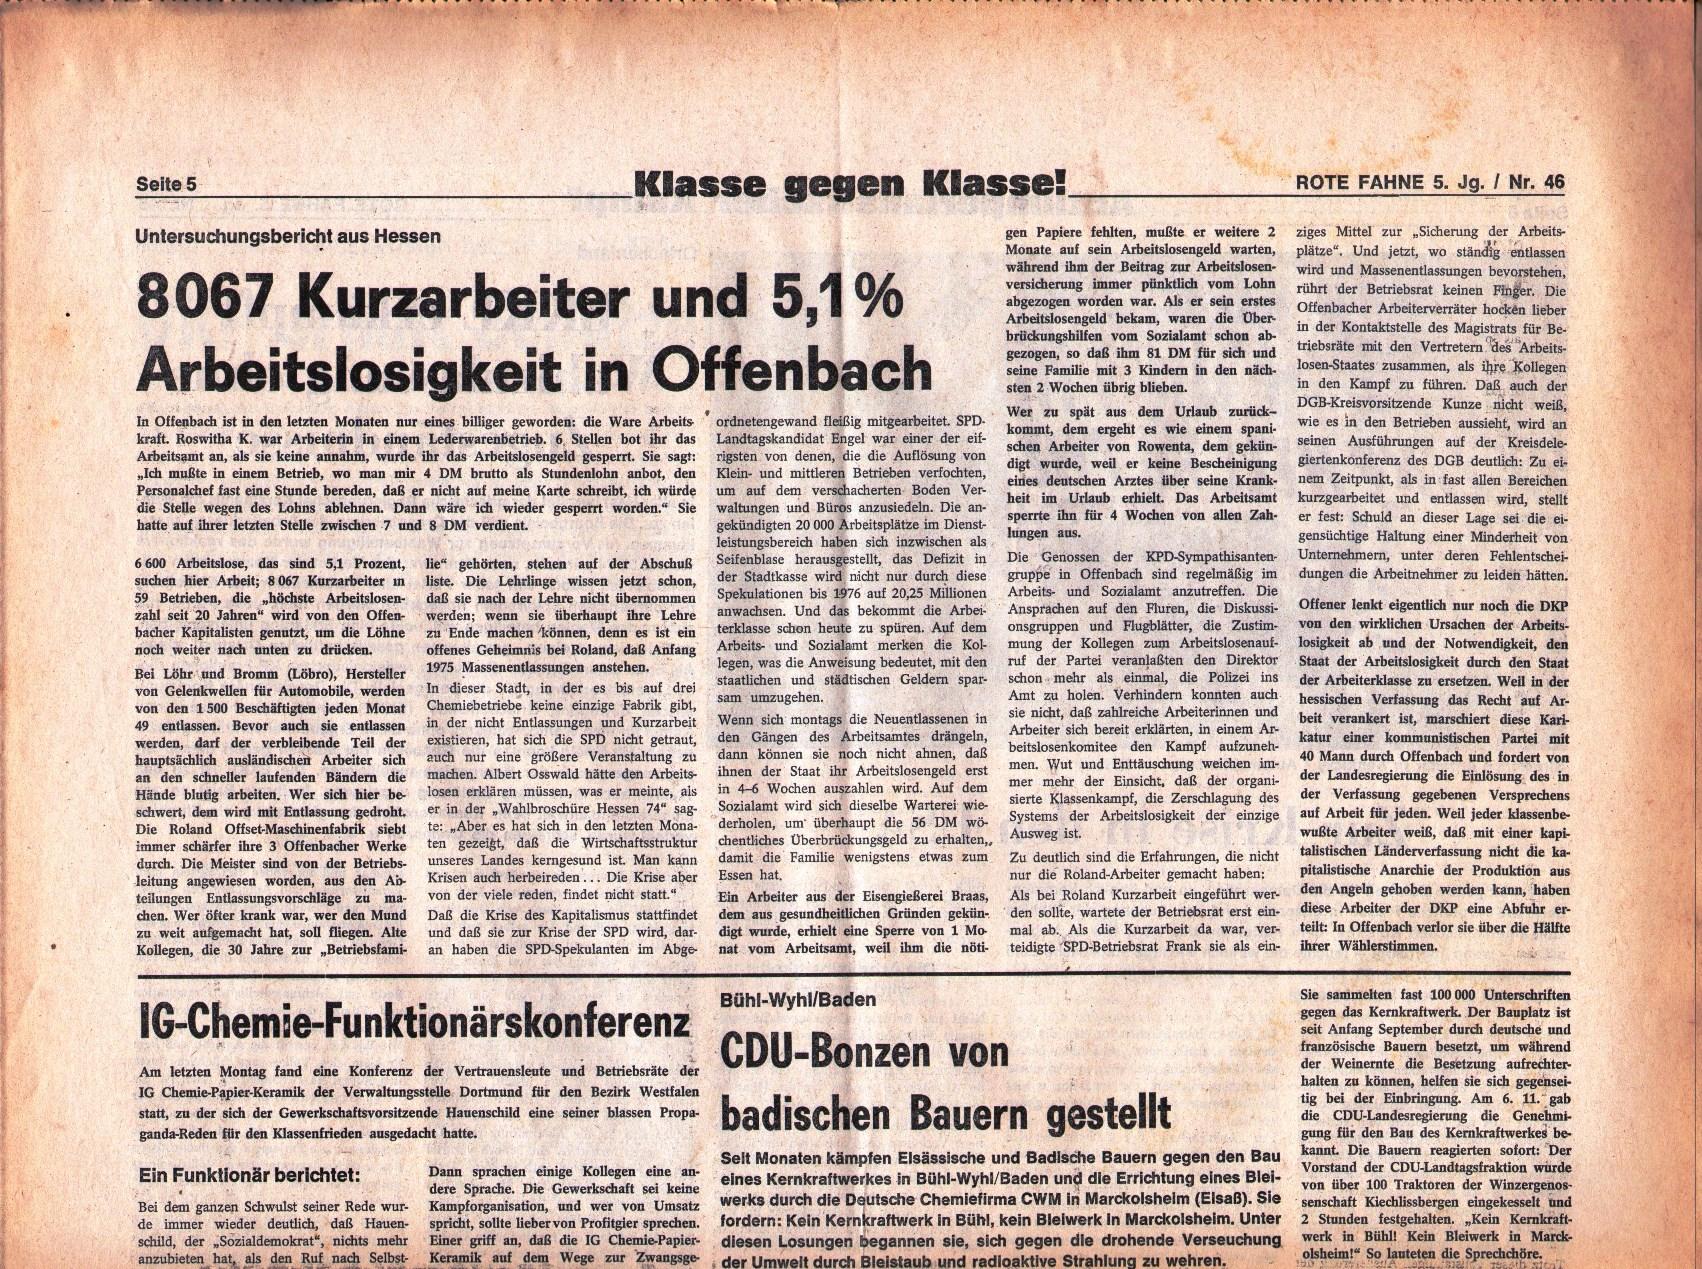 KPD_Rote_Fahne_1974_46_09